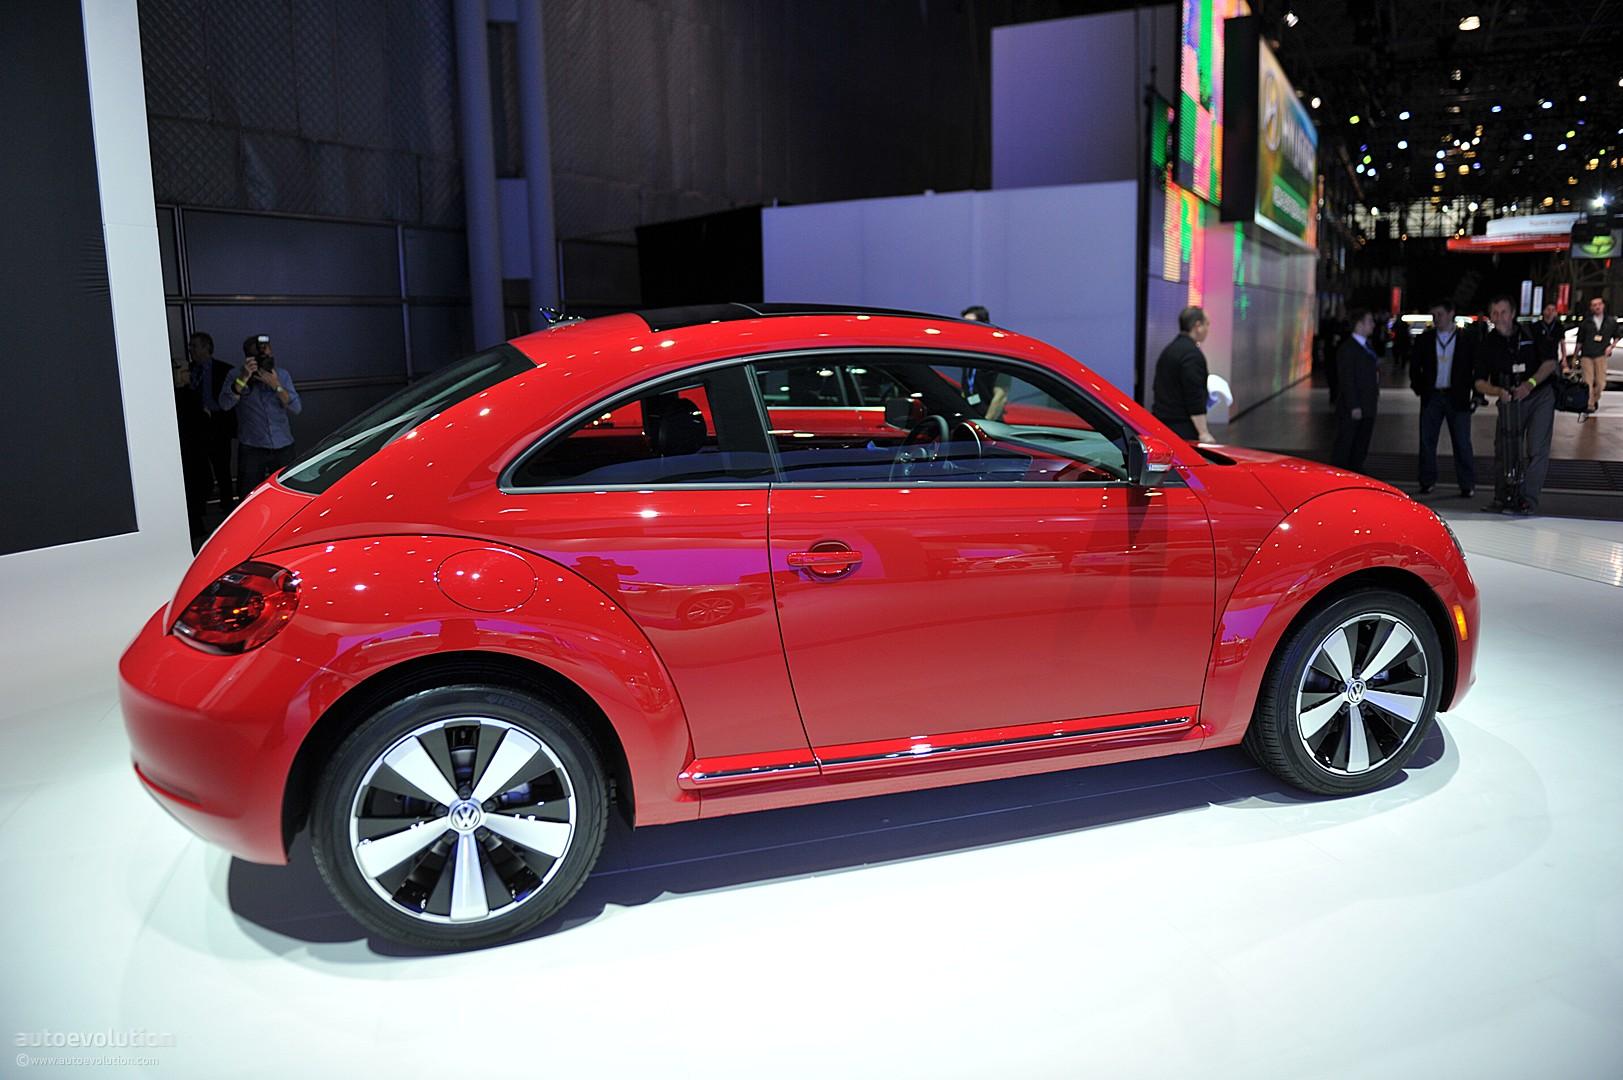 Volkswagen Beetle 20 Picture 7 Reviews News Specs